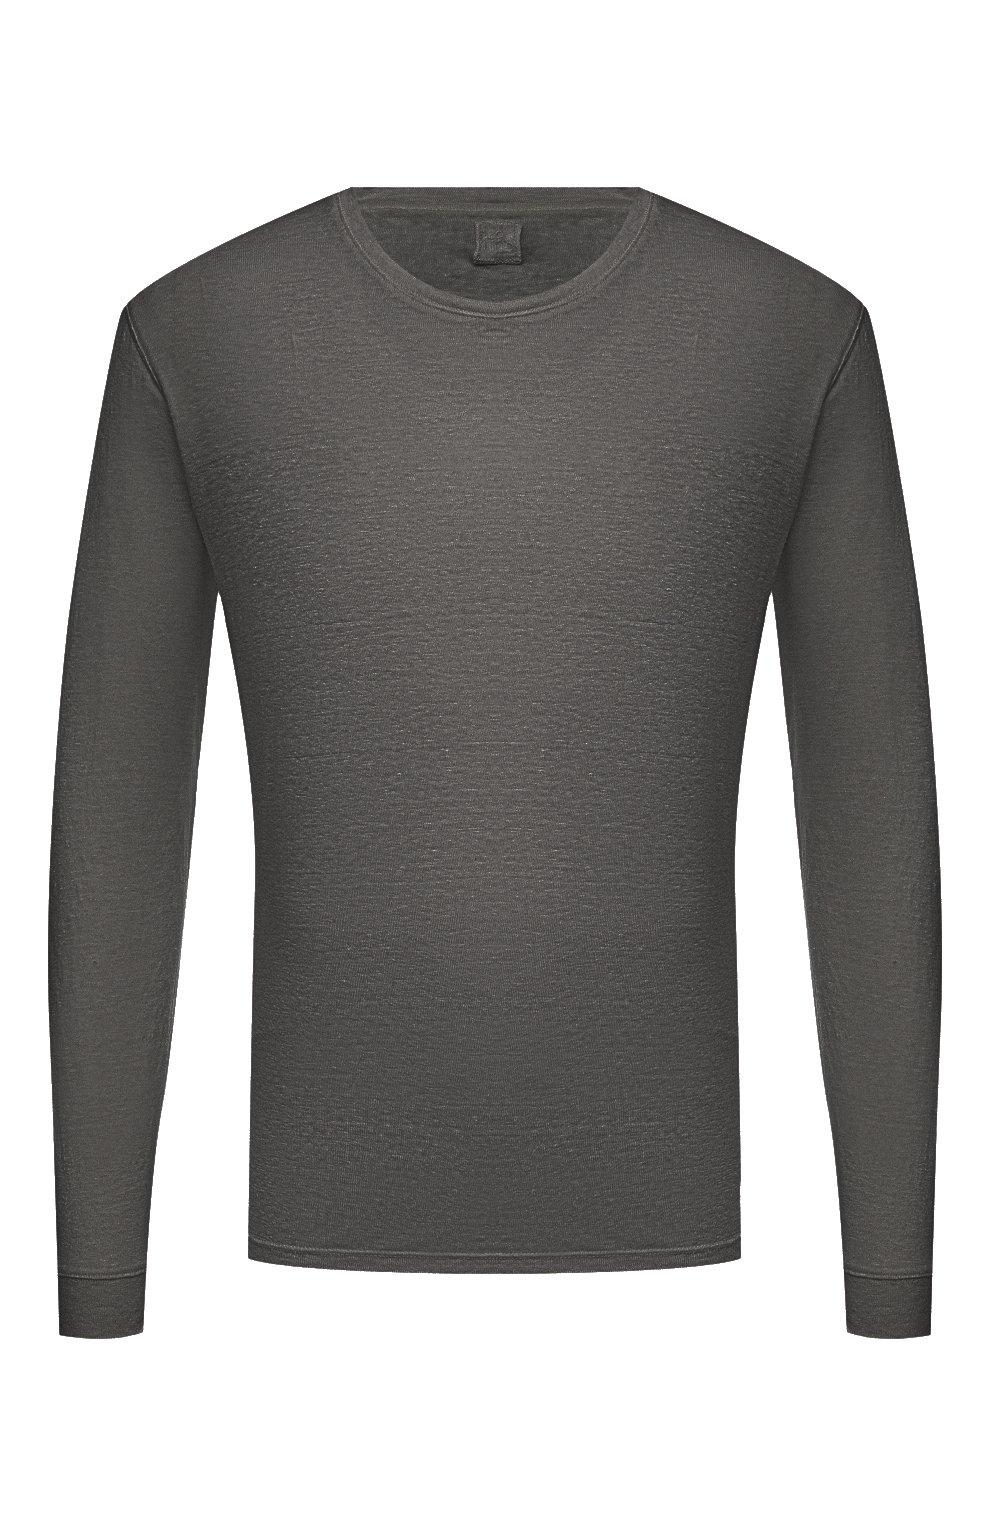 Мужская льняной лонгслив 120% LINO темно-серого цвета, арт. T0M70F4/E908/S00   Фото 1 (Рукава: Длинные; Принт: Без принта; Длина (для топов): Стандартные; Материал внешний: Лен; Стили: Кэжуэл)